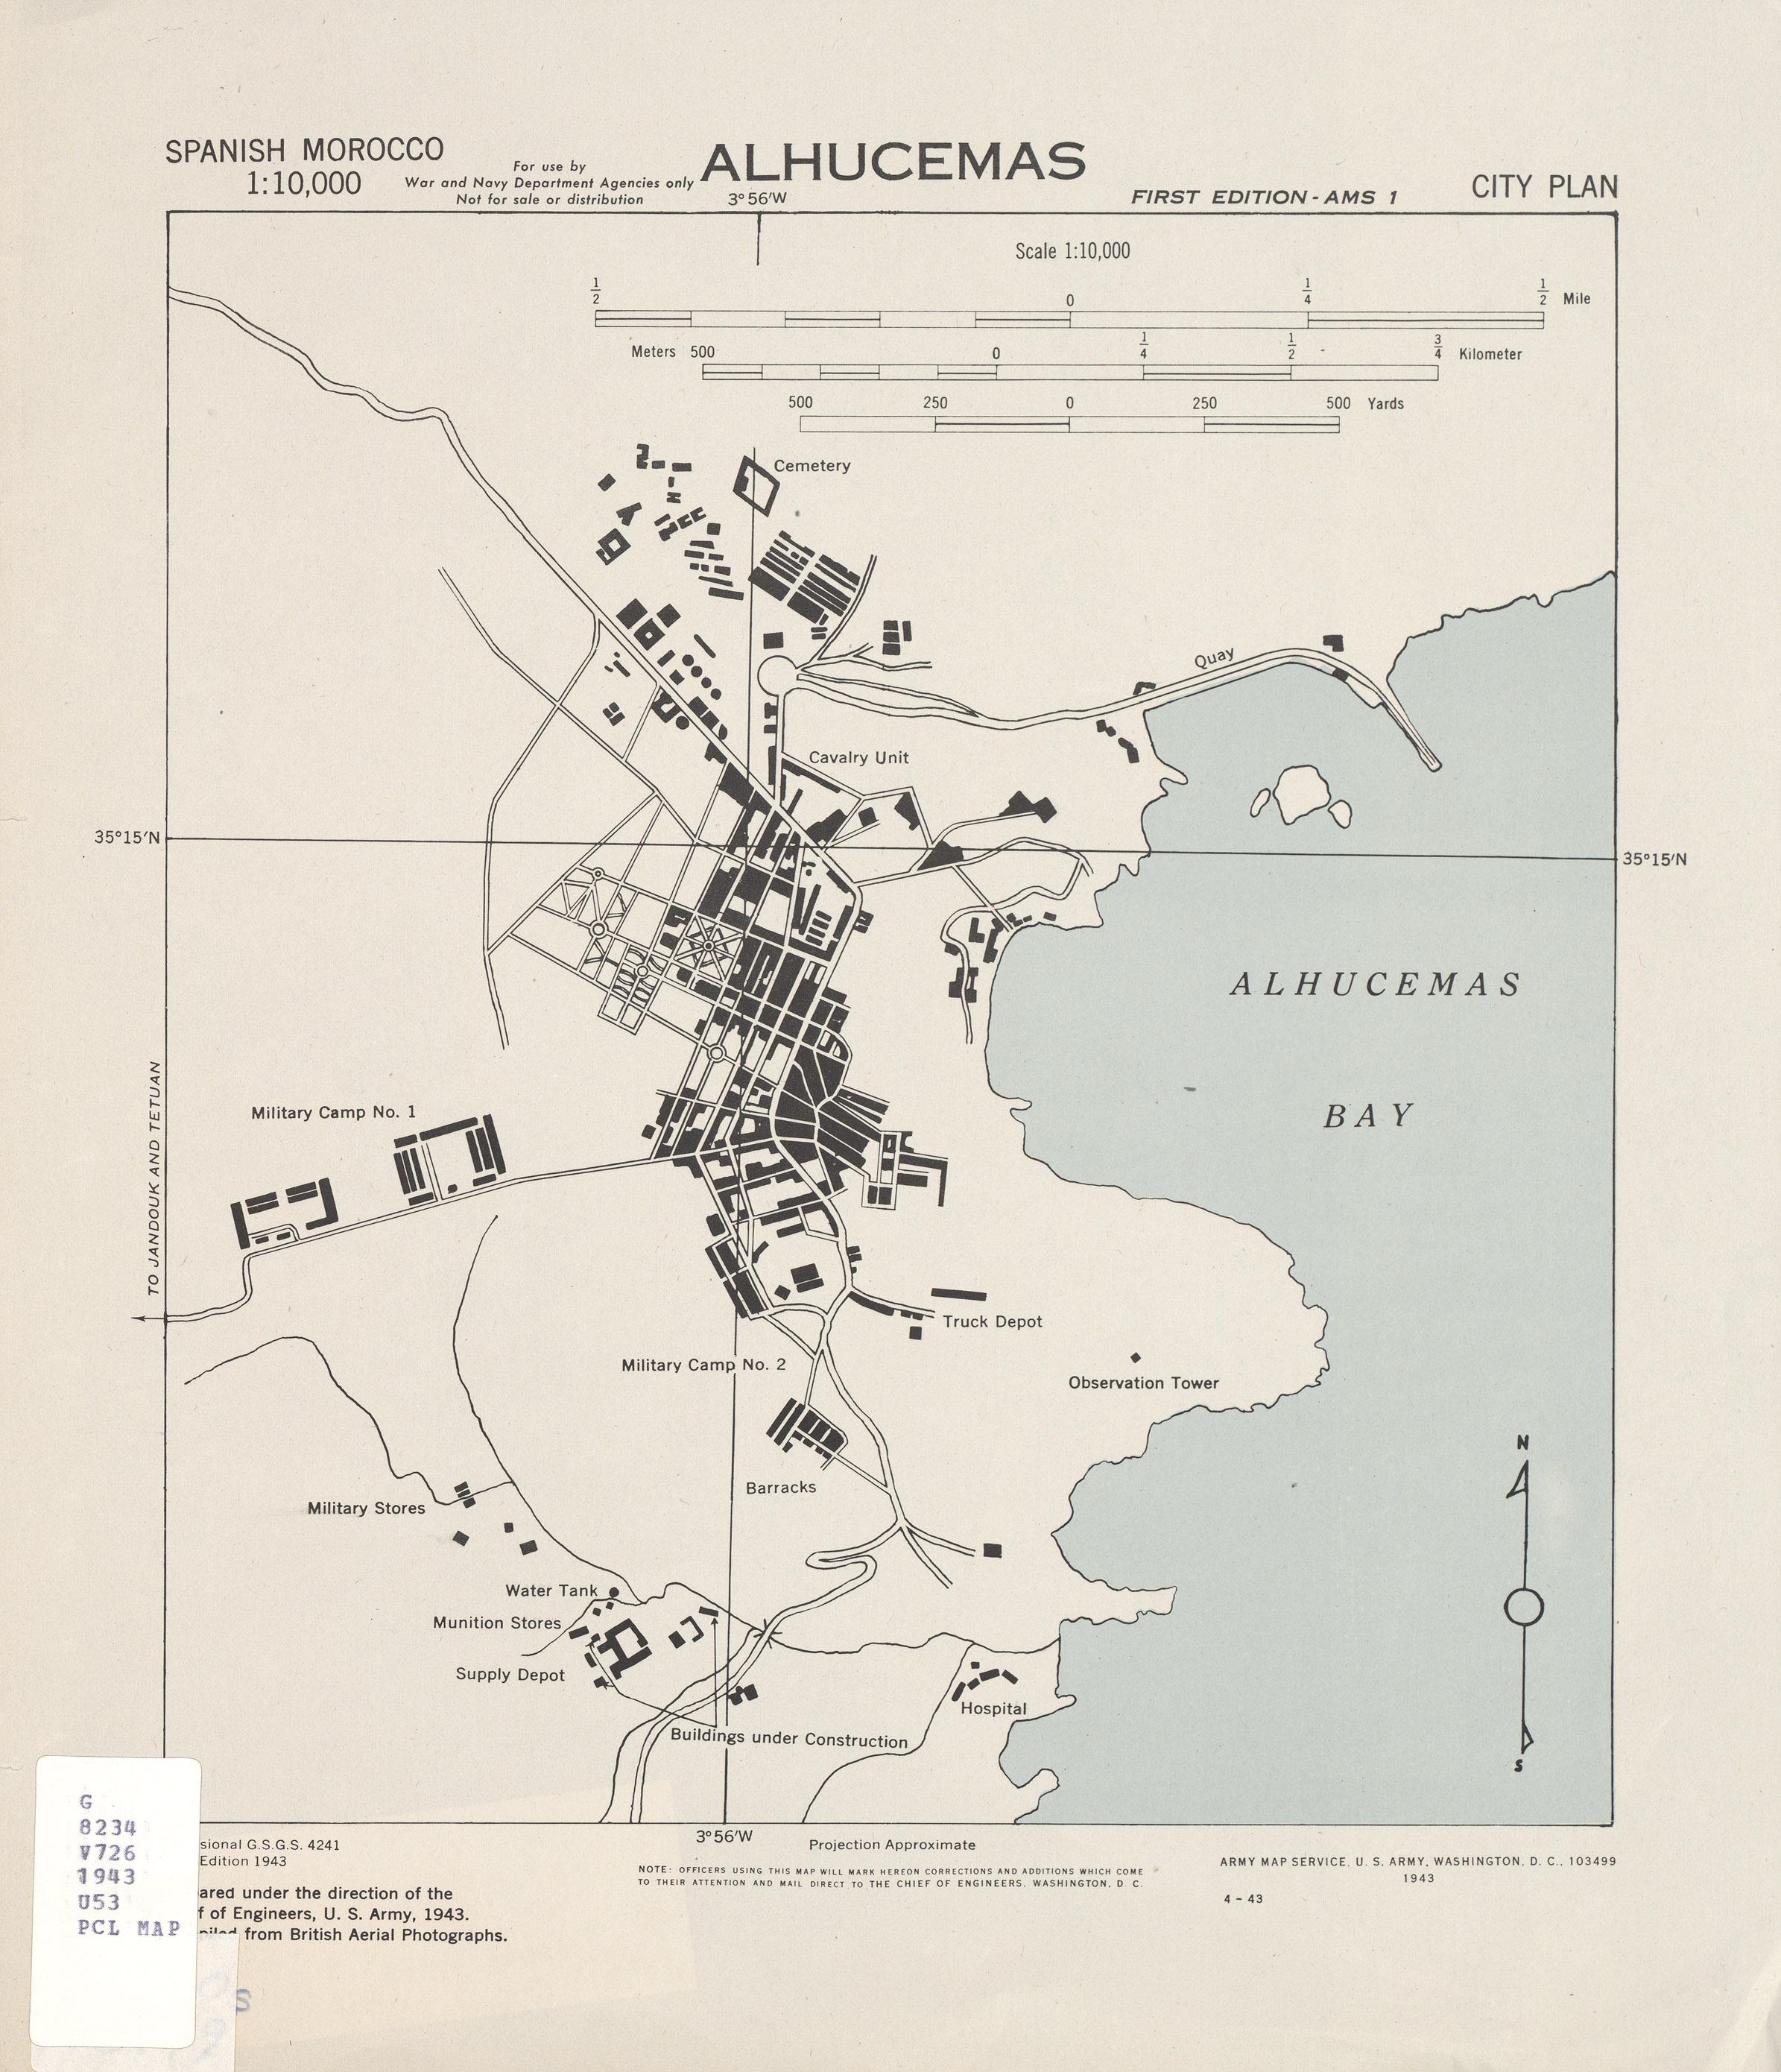 Mapa de la Ciudad de Alhucemas, España 1943